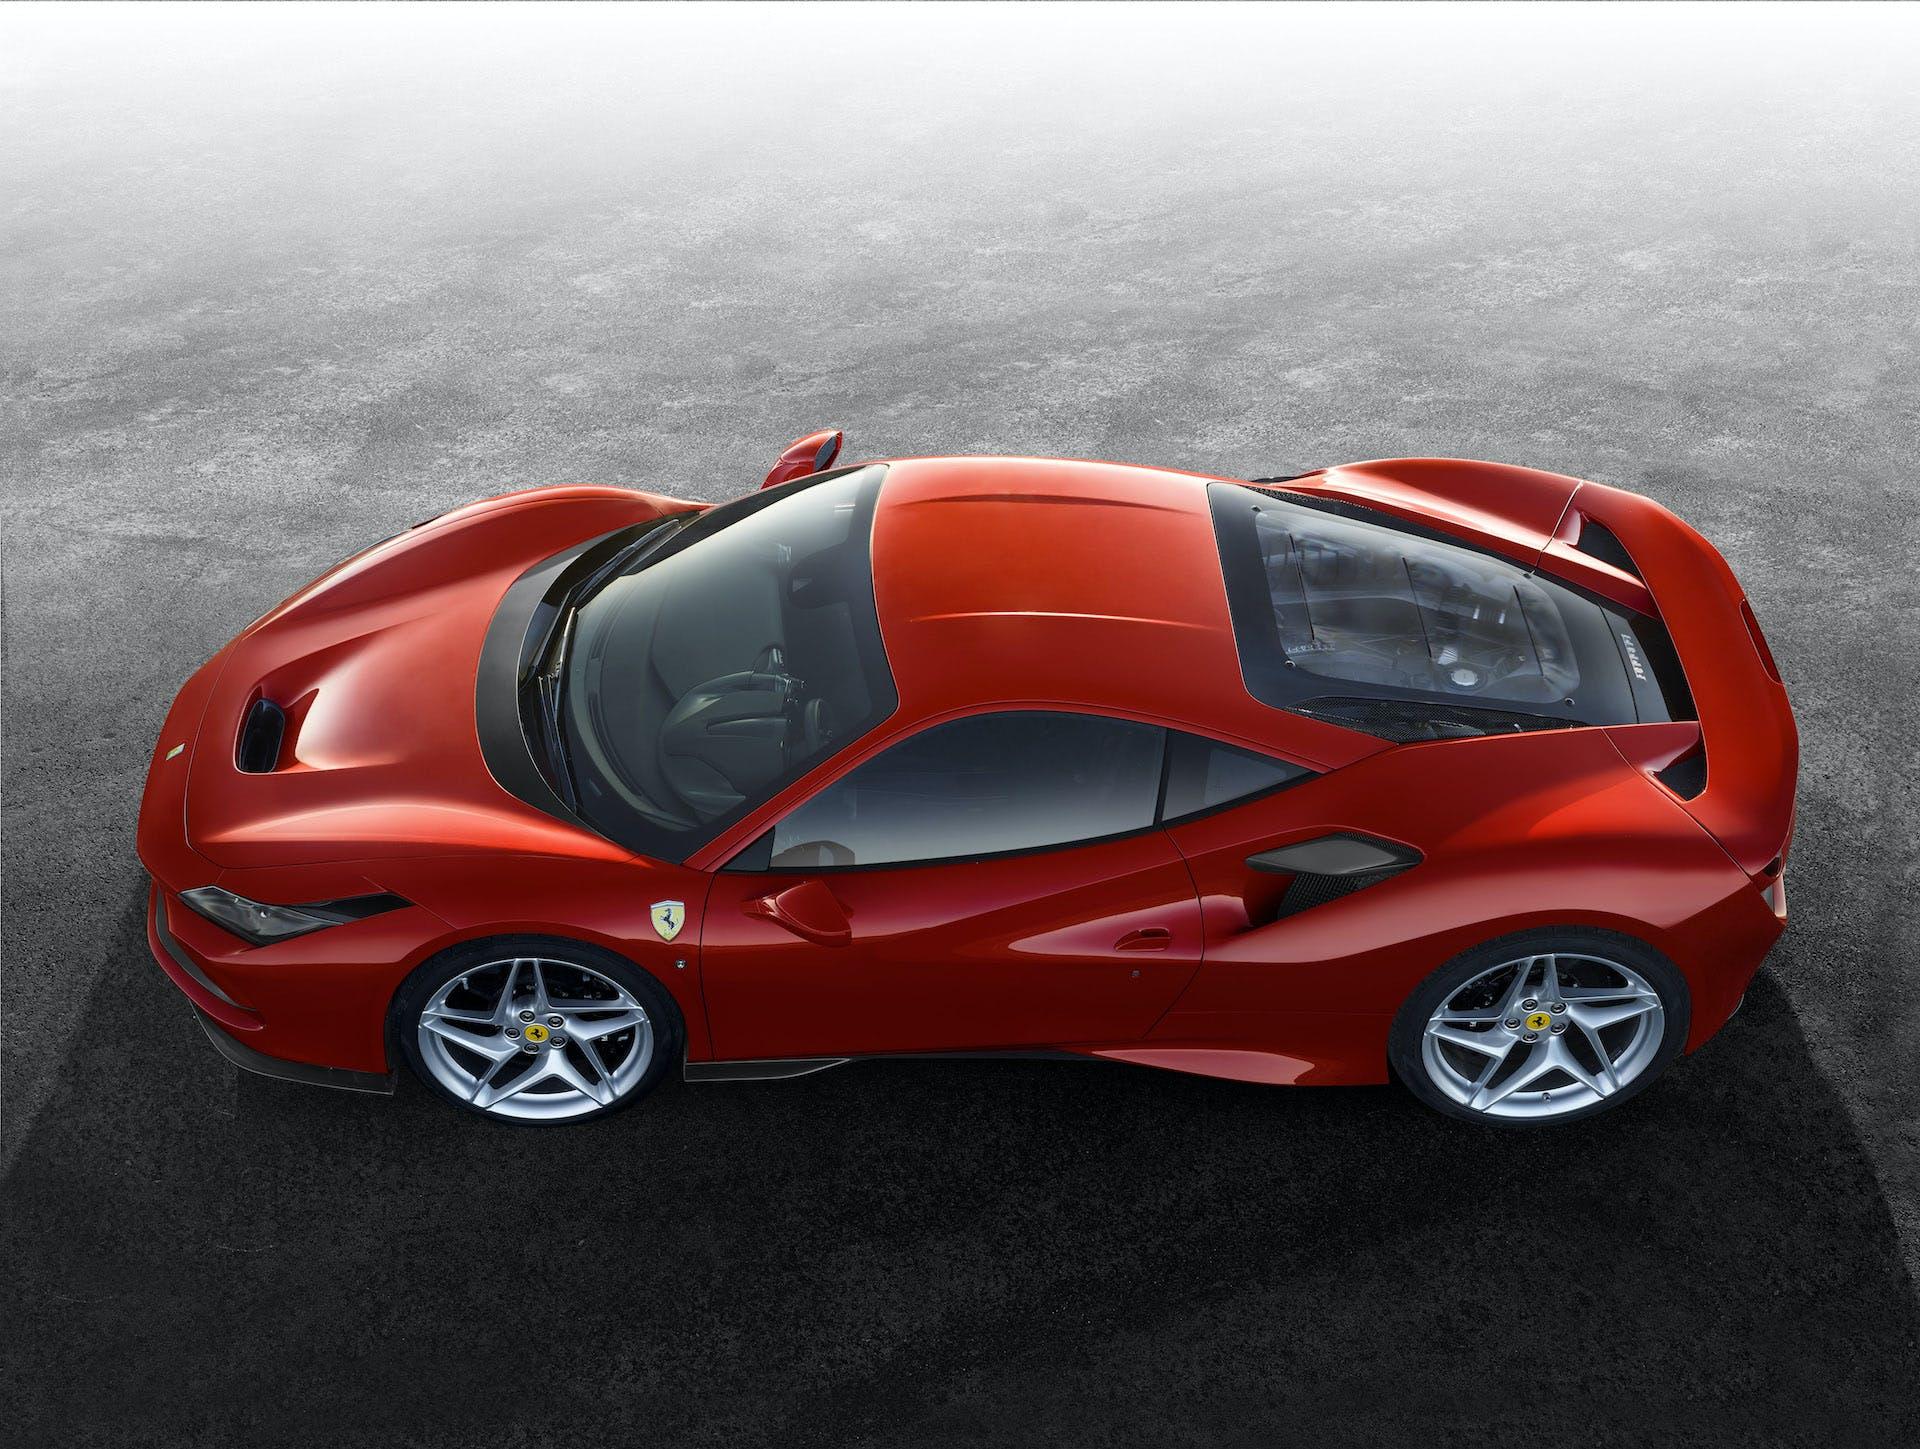 Ferrari F8 Tributo laterale